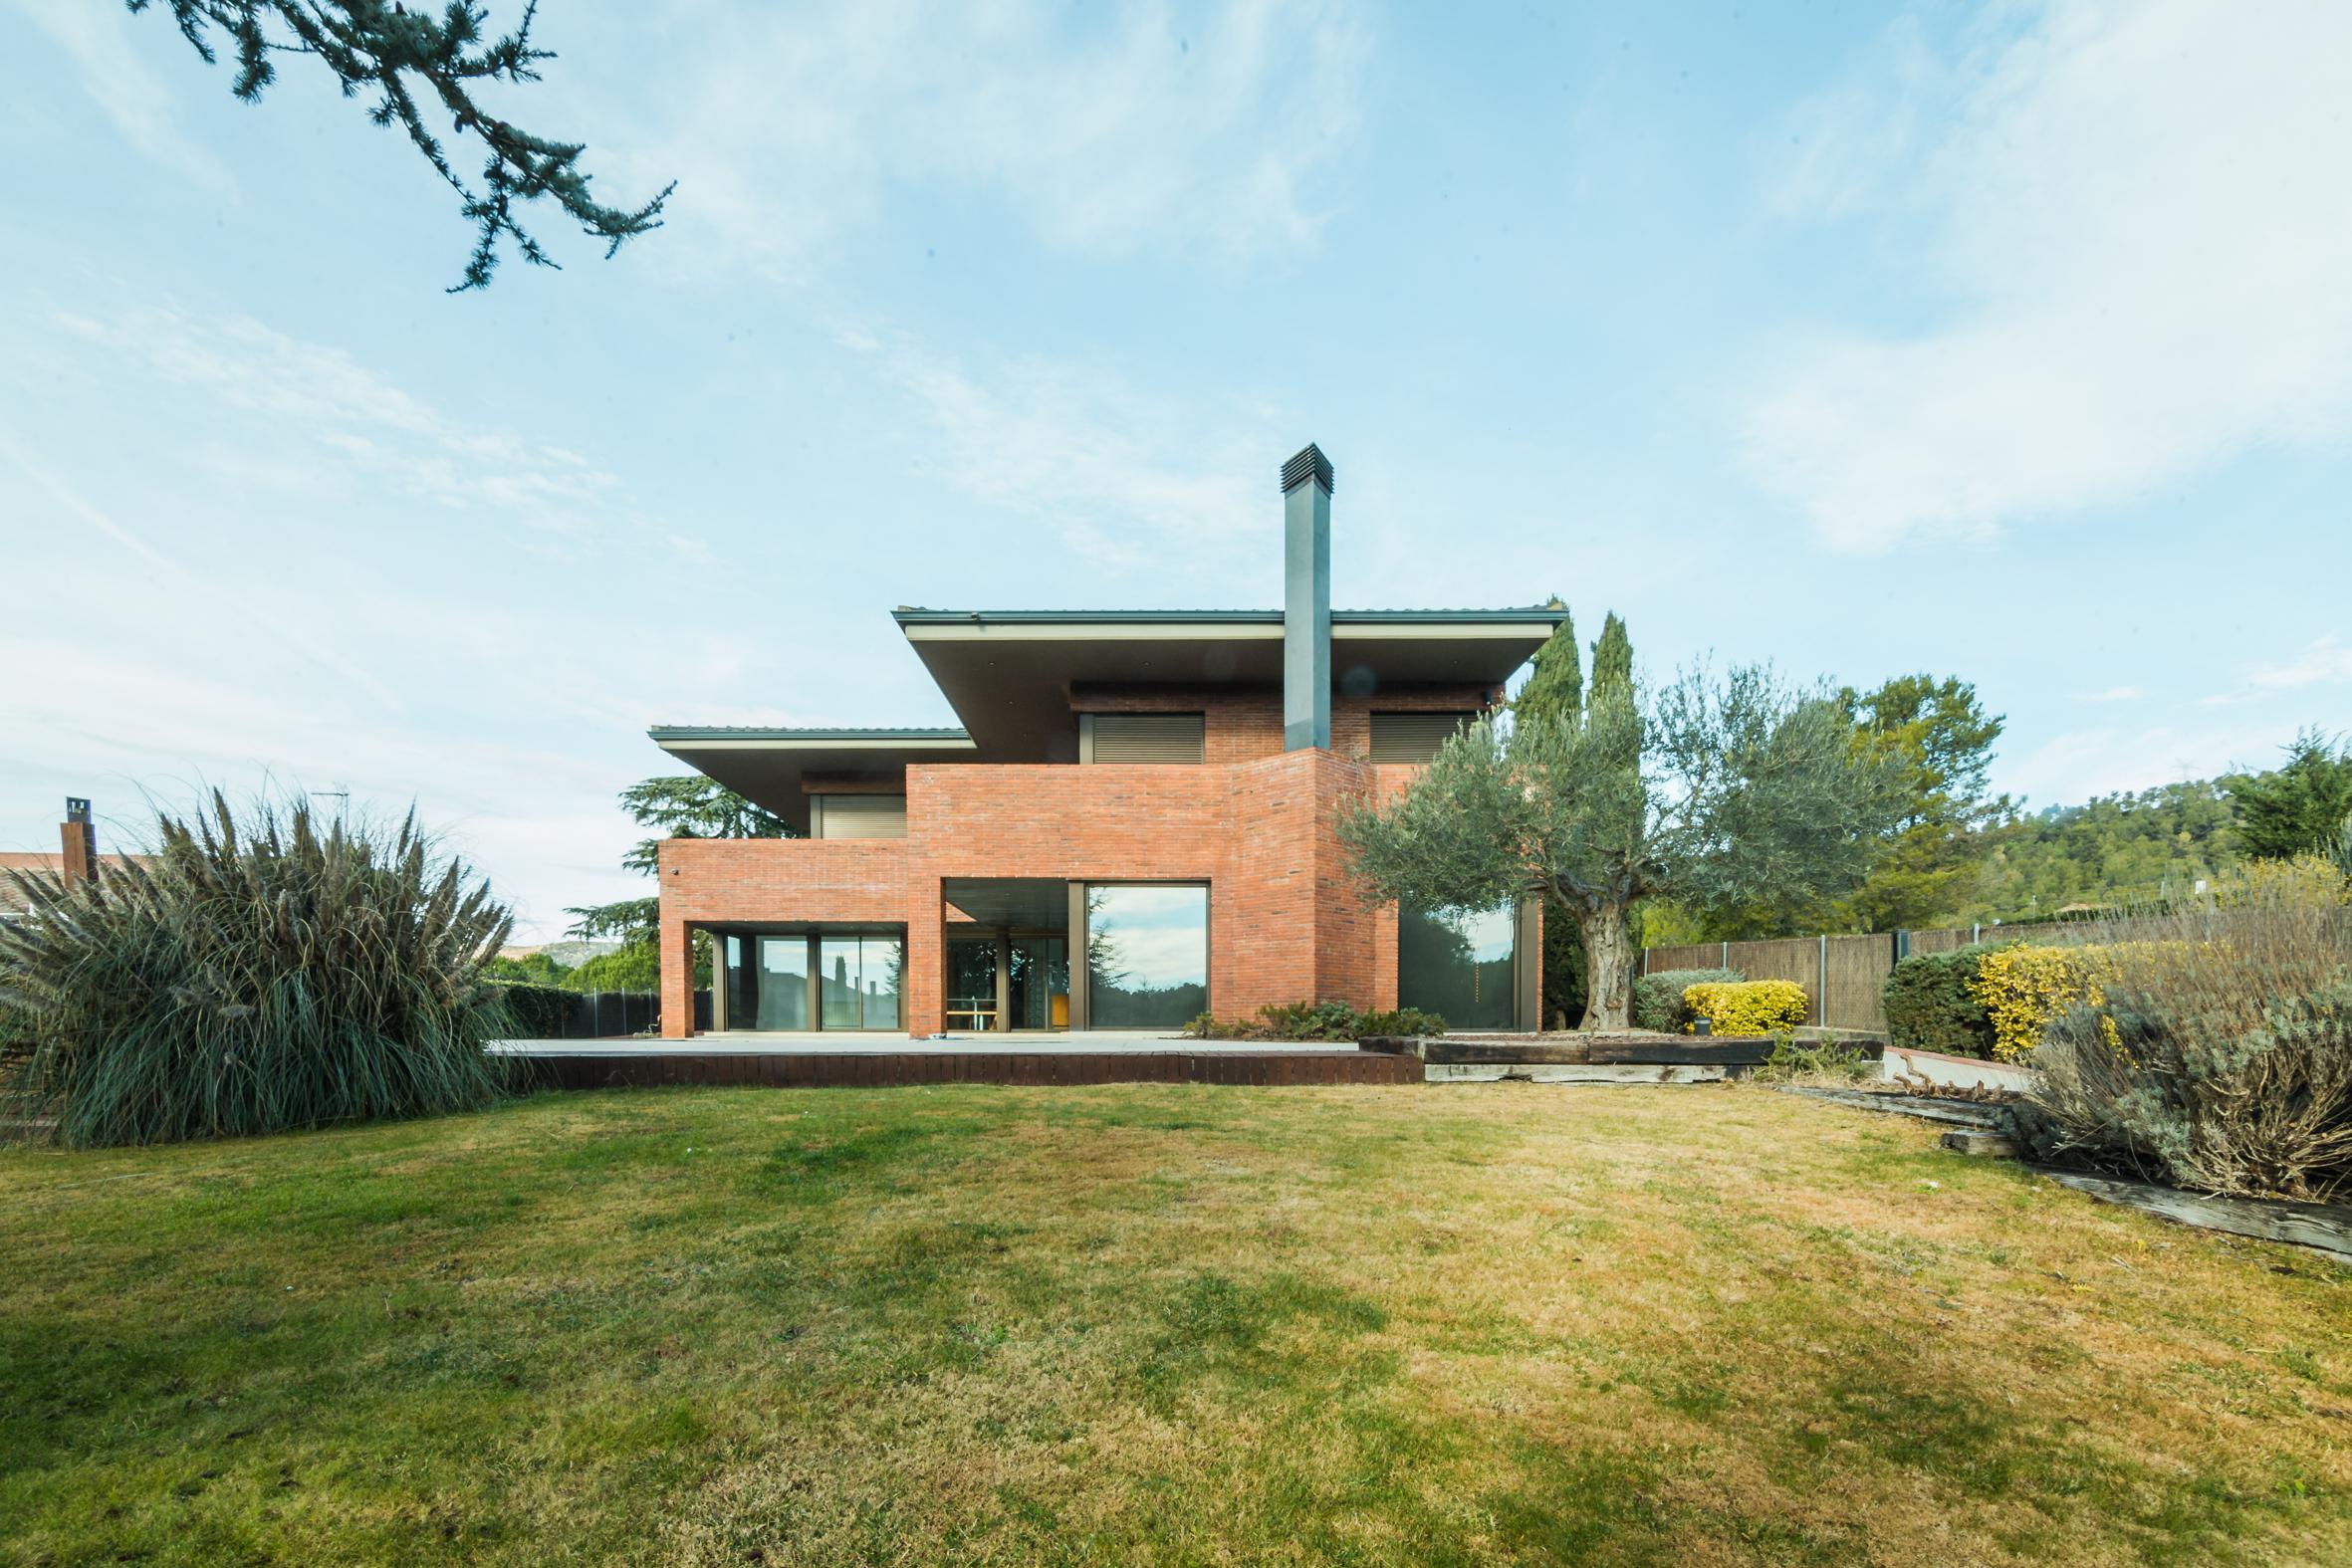 196082 Casa Aislada en venta en Begues 24